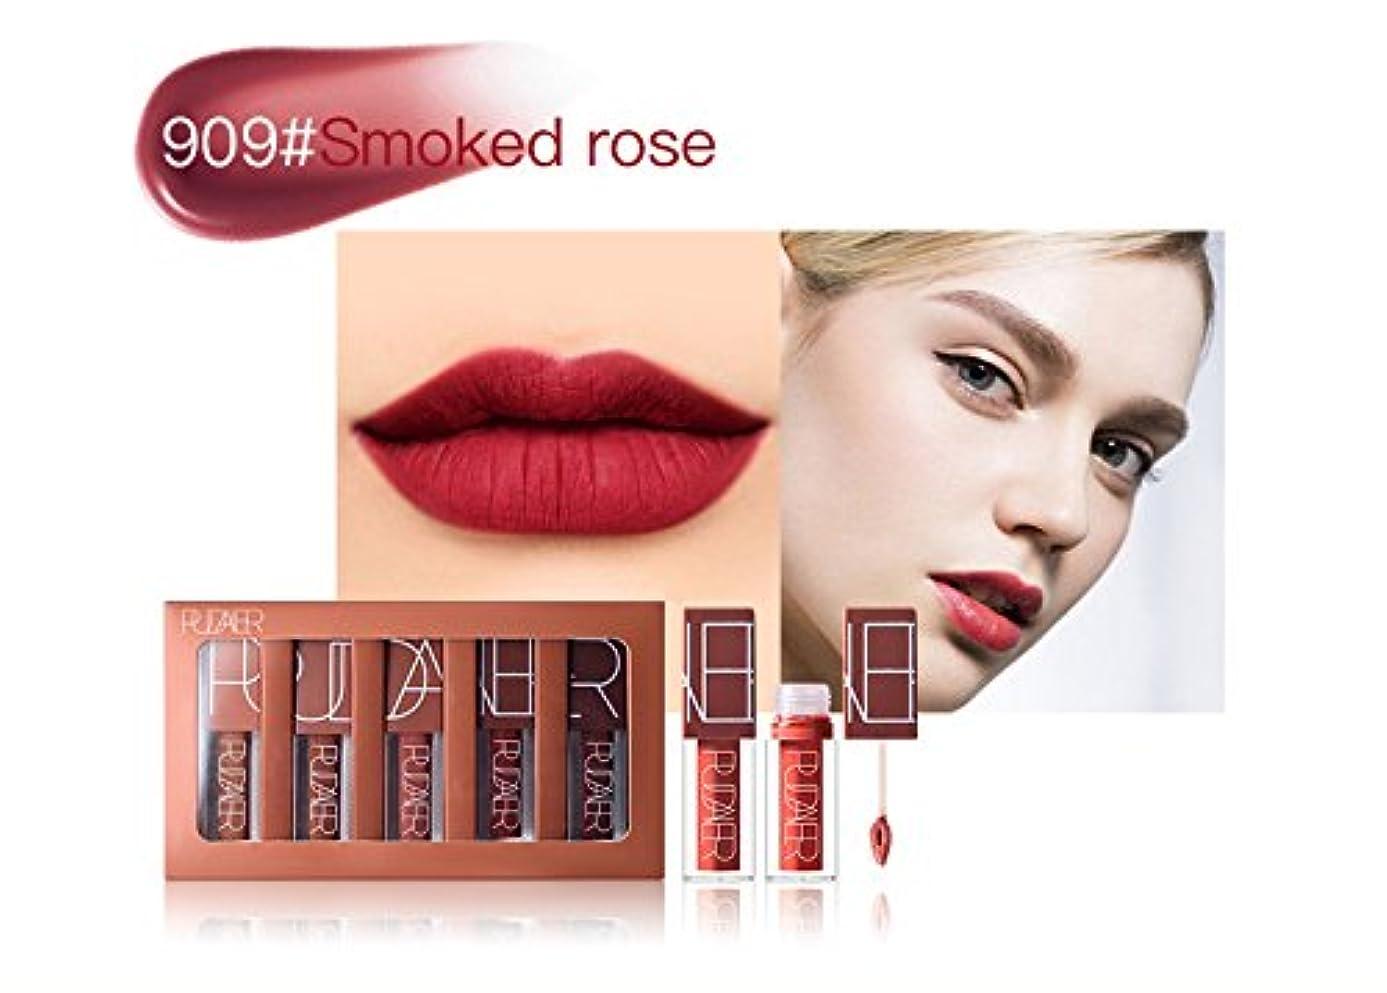 アートオペラ繁殖No #909 Hot Brand Long Lasting Velvet Lips Tint Liquid Lipstick Matte Beauty Cosmetics Sexy Nude Pigment Matte...